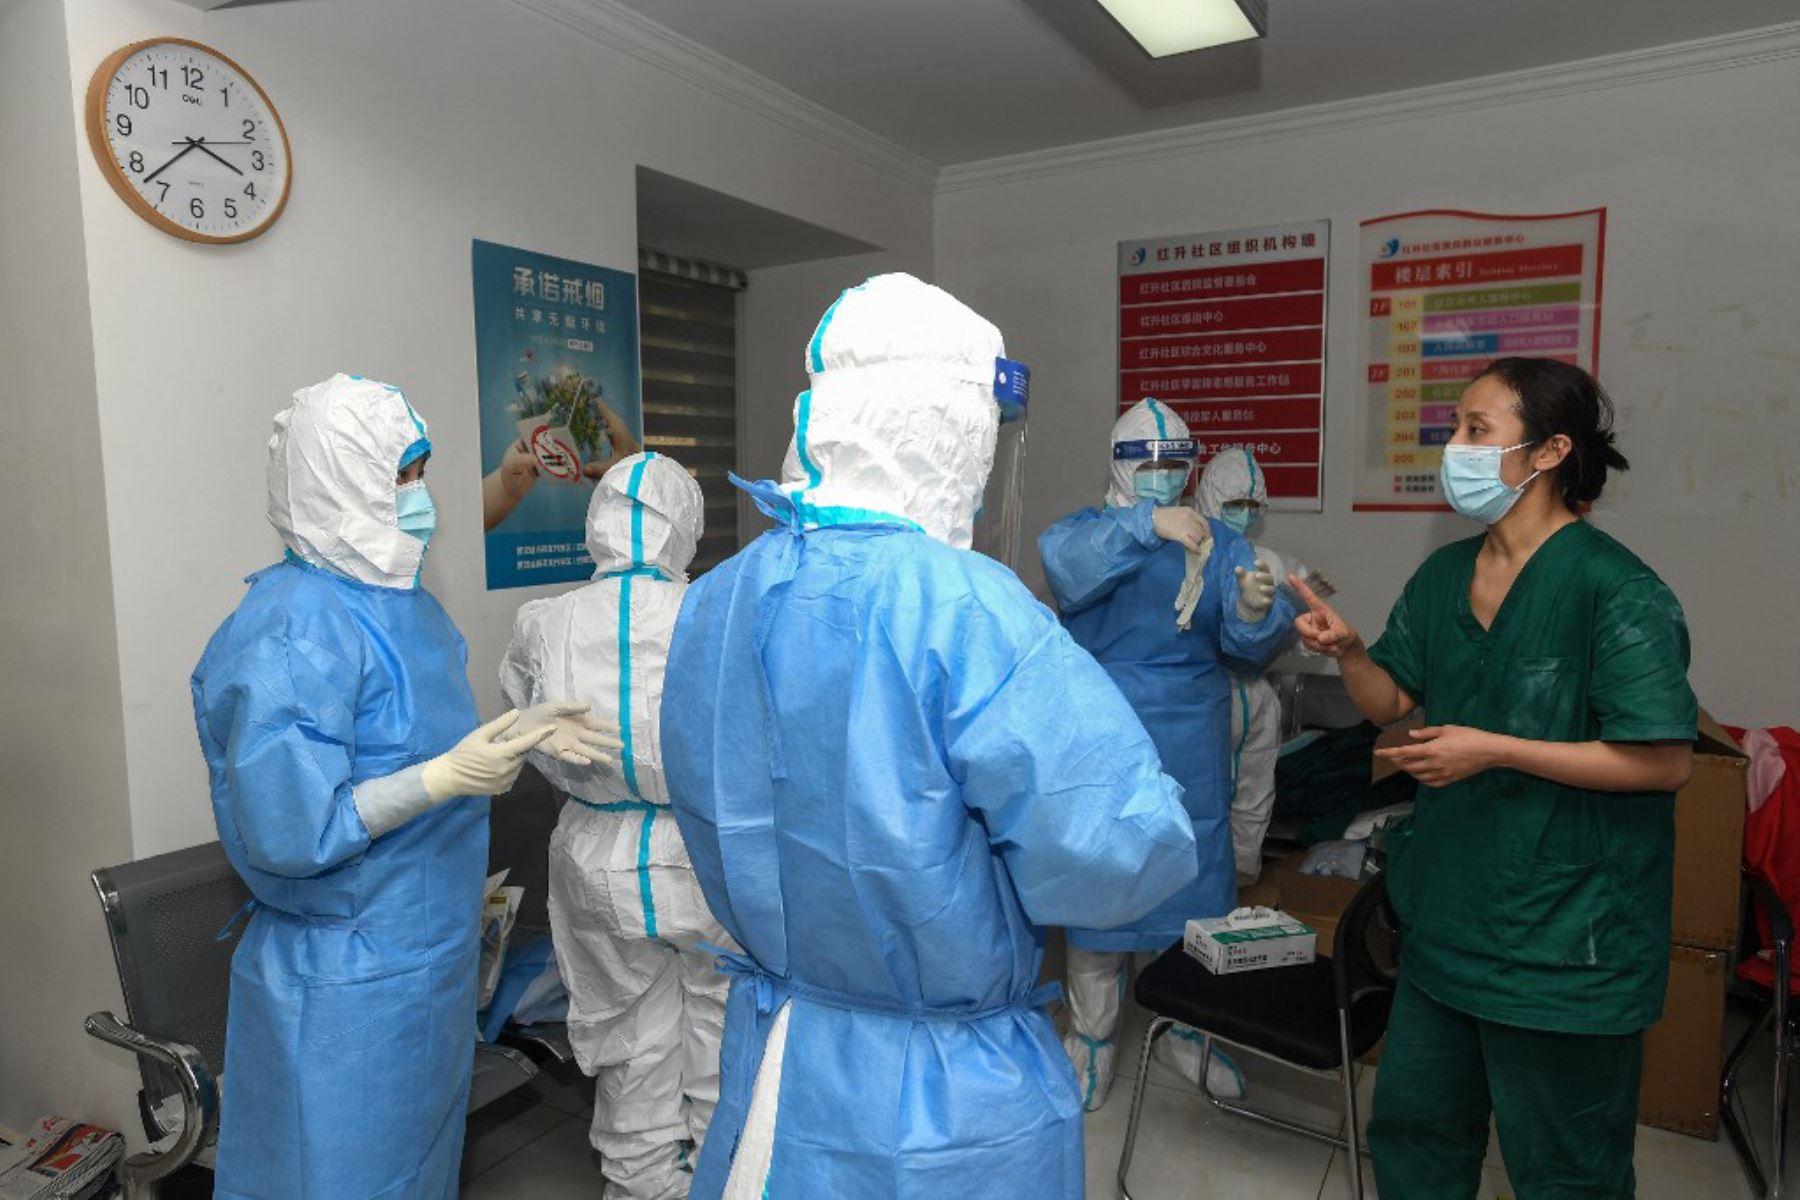 Los miembros del personal médico tienen una reunión mientras se preparan para realizar pruebas de ácido nucleico para detectar el coronavirus en Wuhan, en la provincia central de Hubei, en China  Foto:AFP